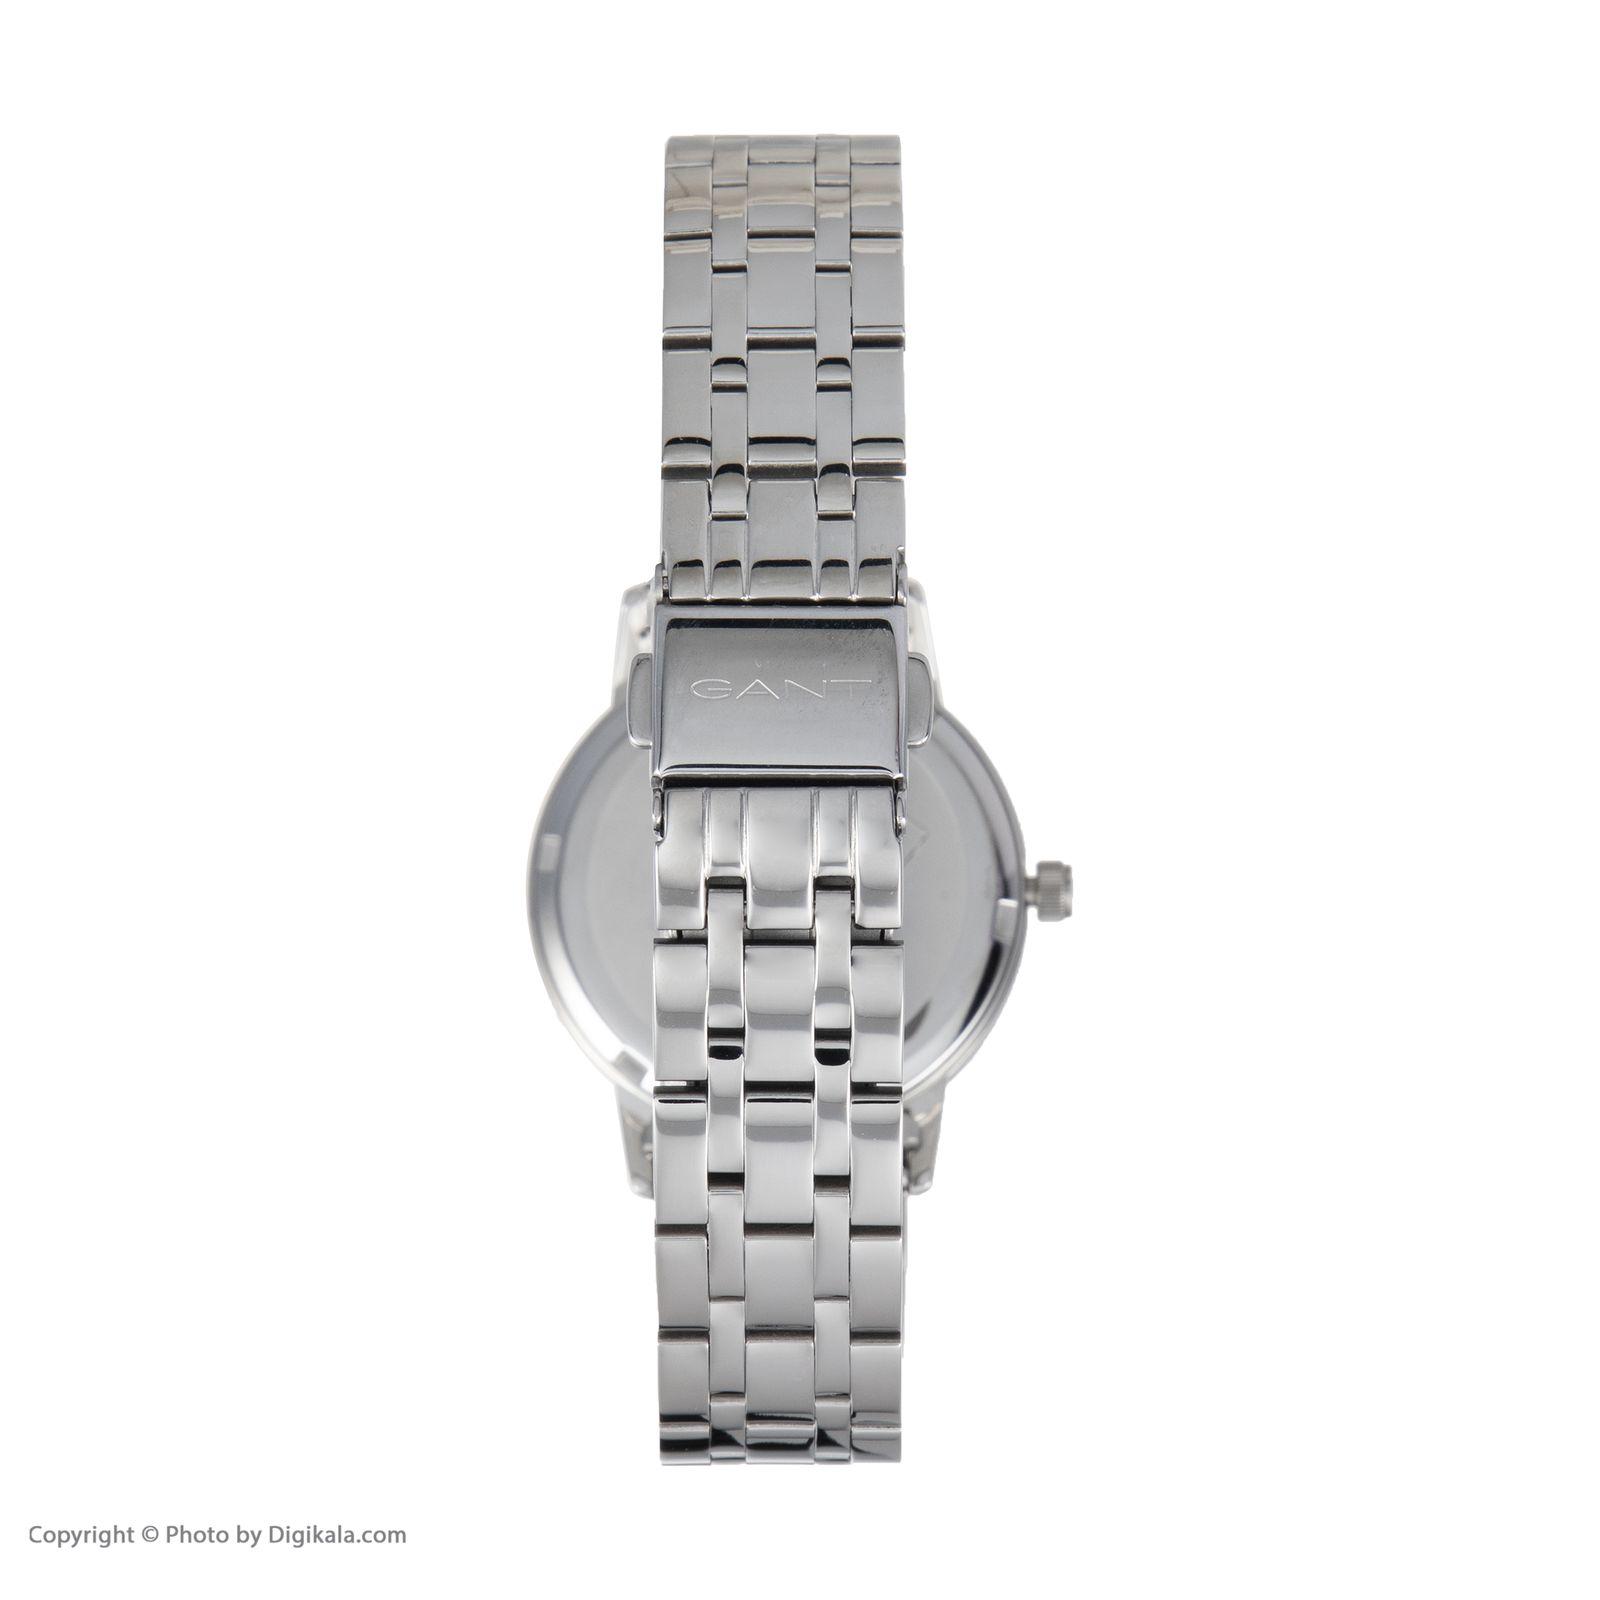 ساعت مچی عقربه ای زنانه گنت مدل GWW11403 -  - 4